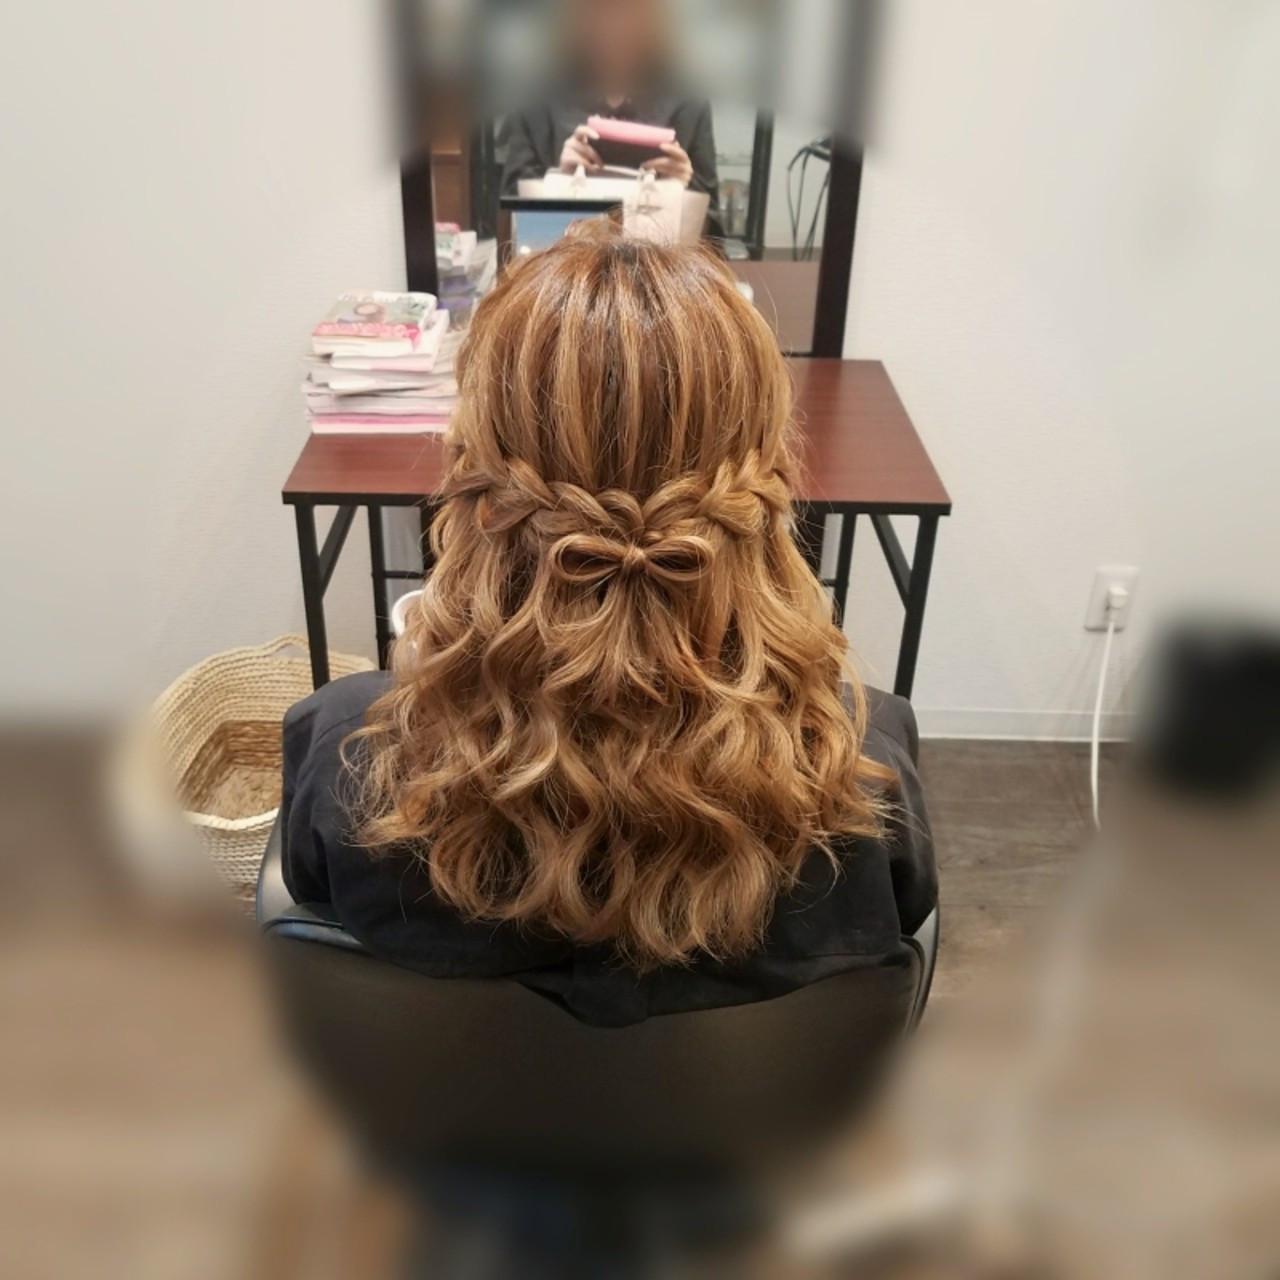 デートにおすすめの編み込み mai | HAIR SALON STELLA